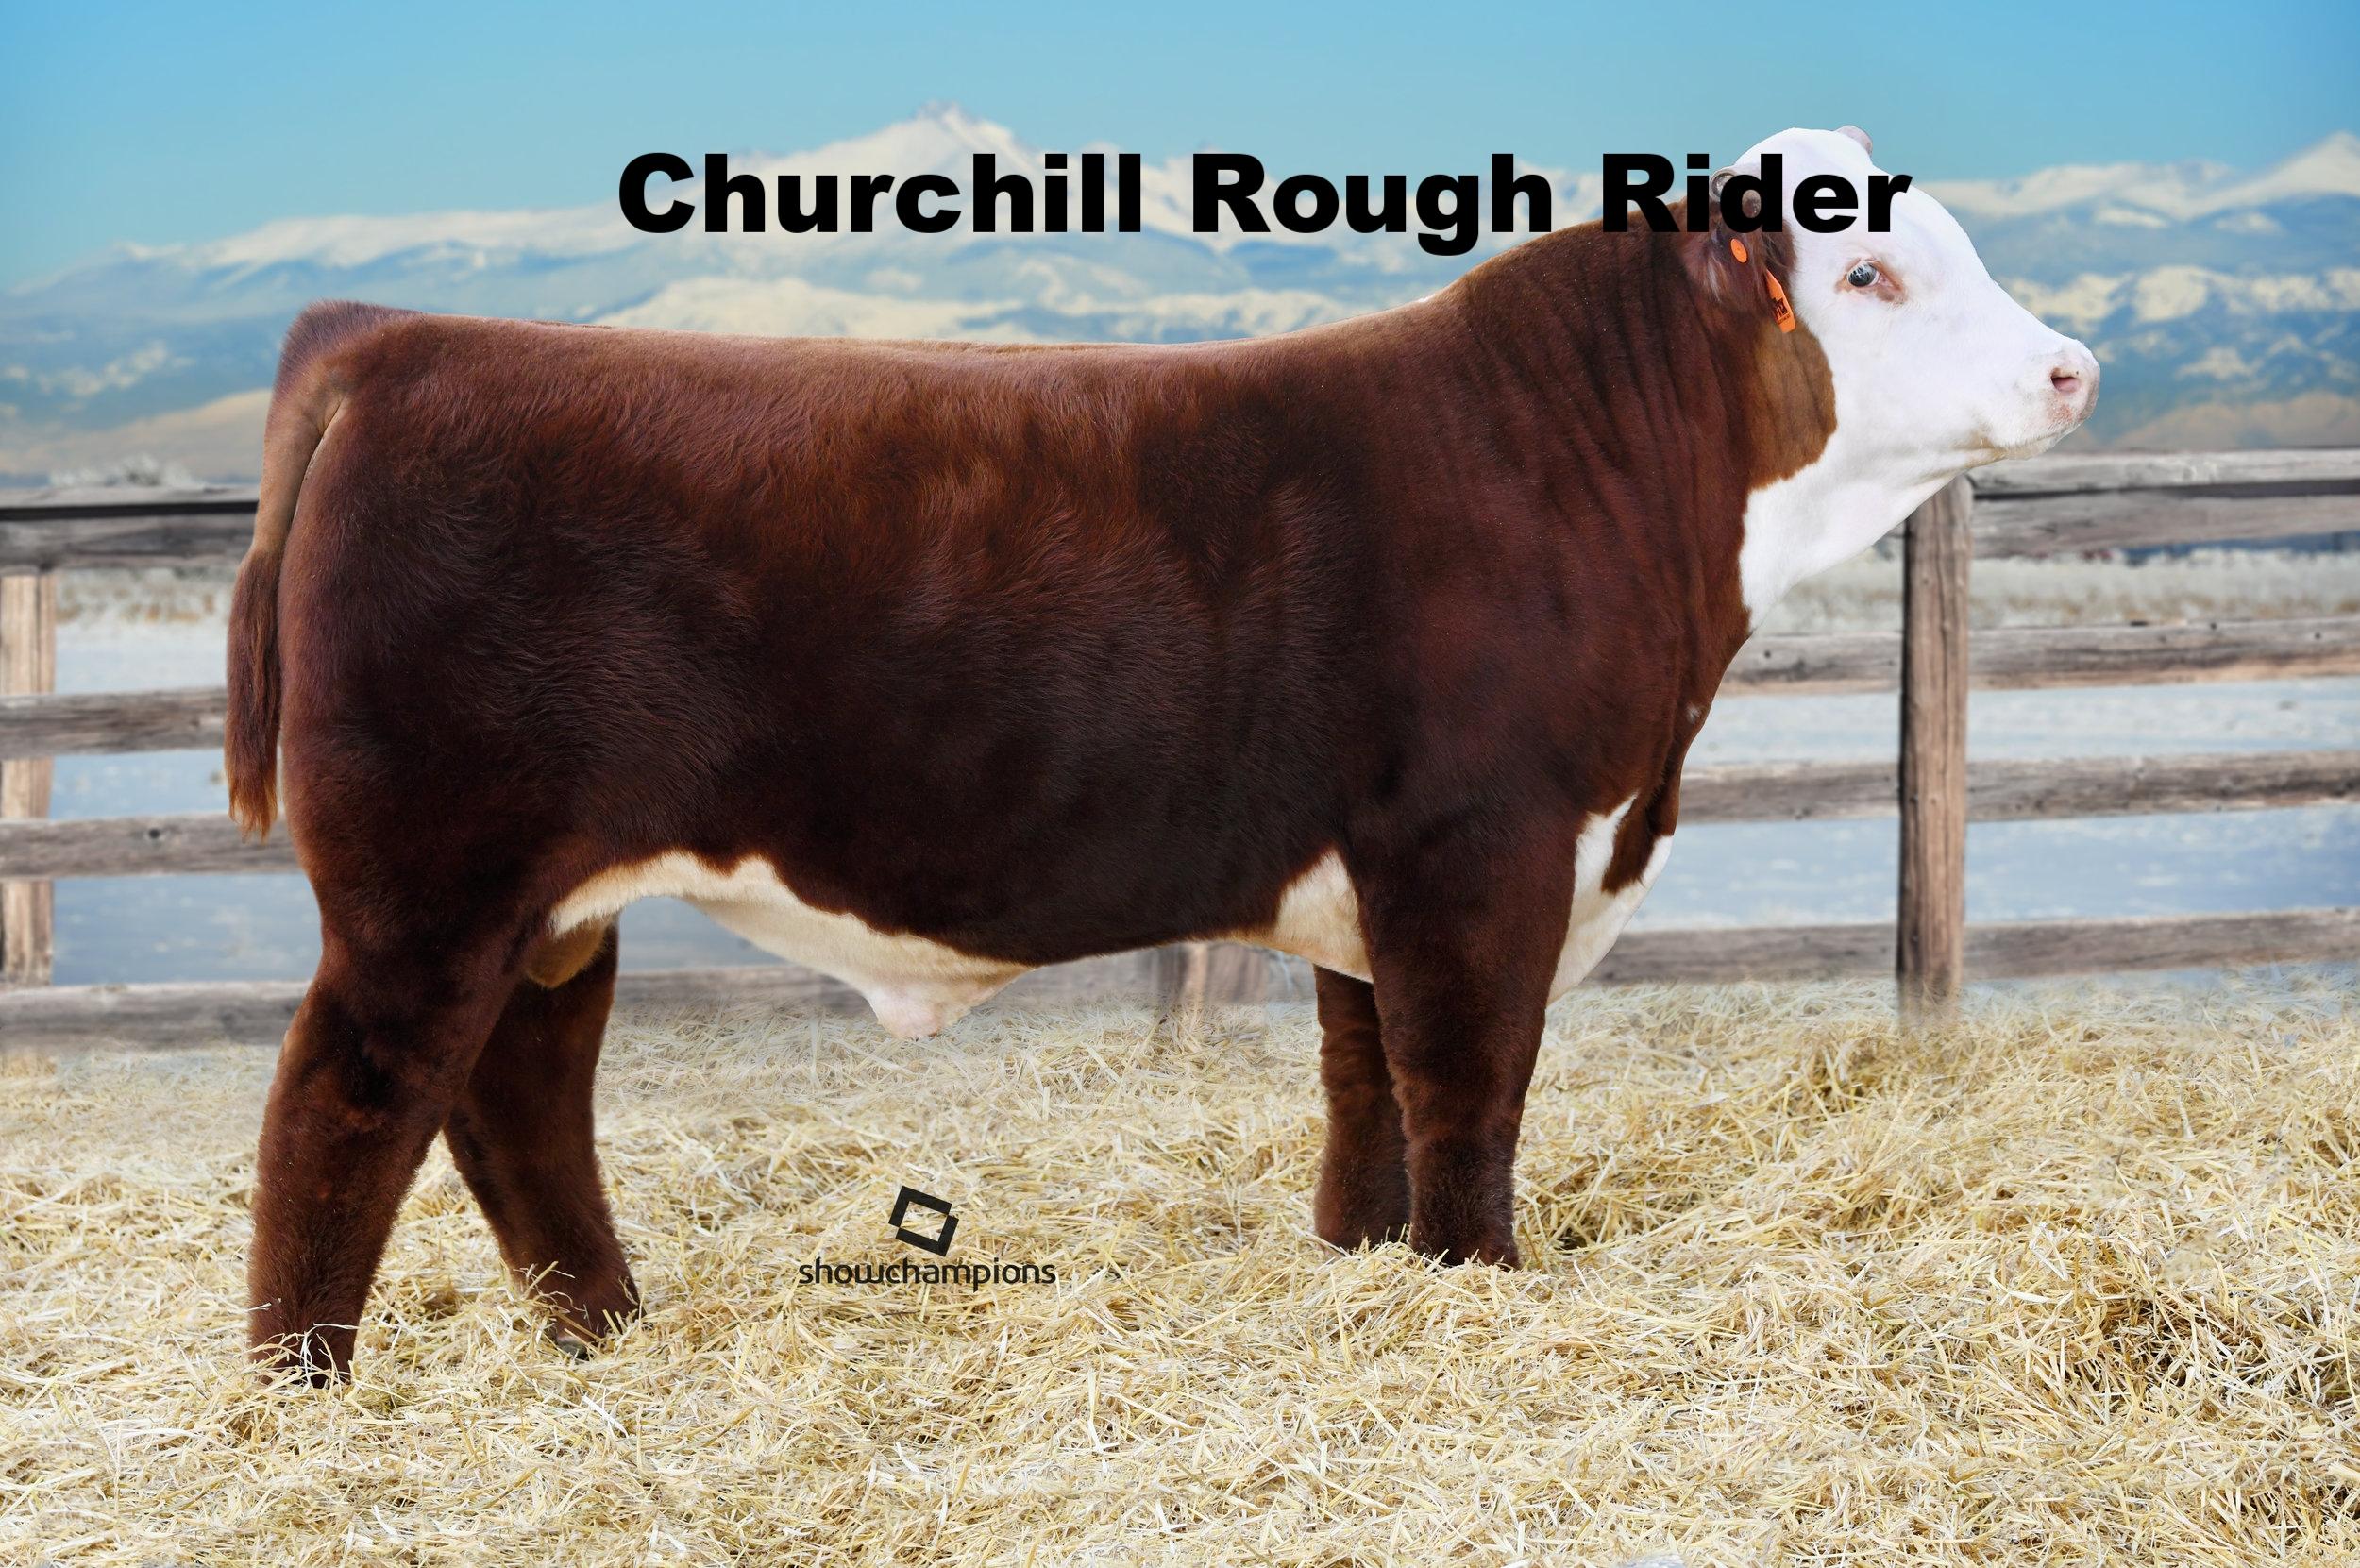 AB18-1-9116 Churchill Rough Rider 719E.jpg